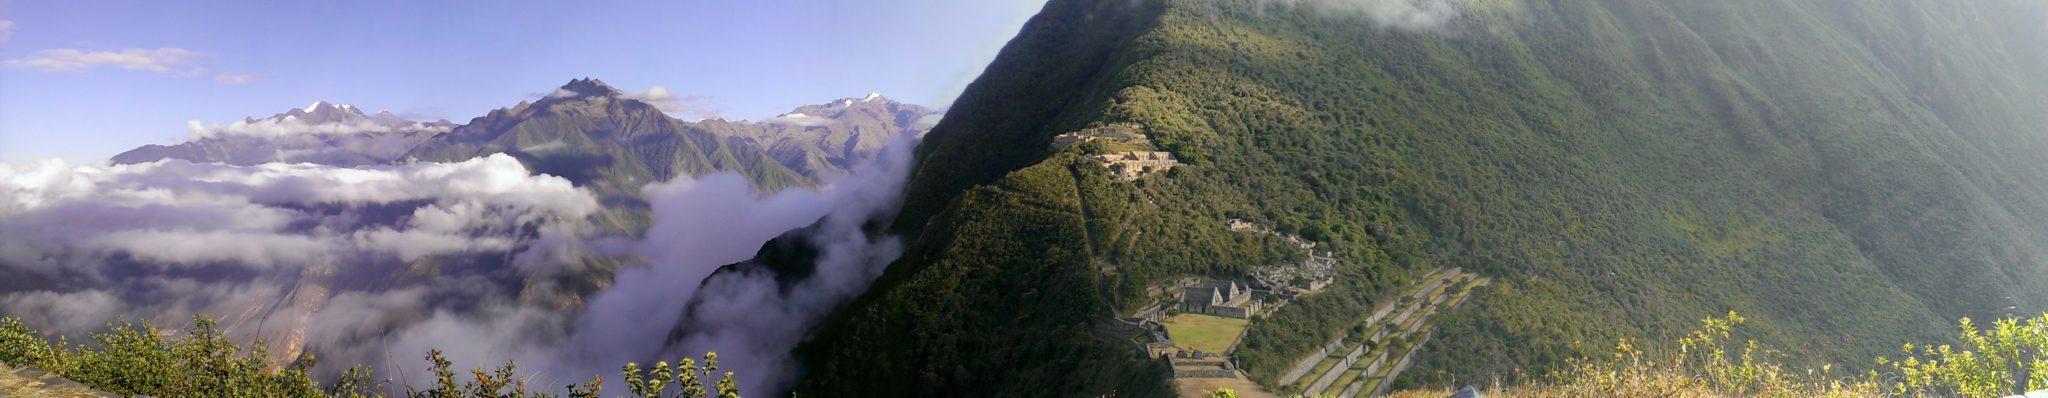 Choquequirao, Peru